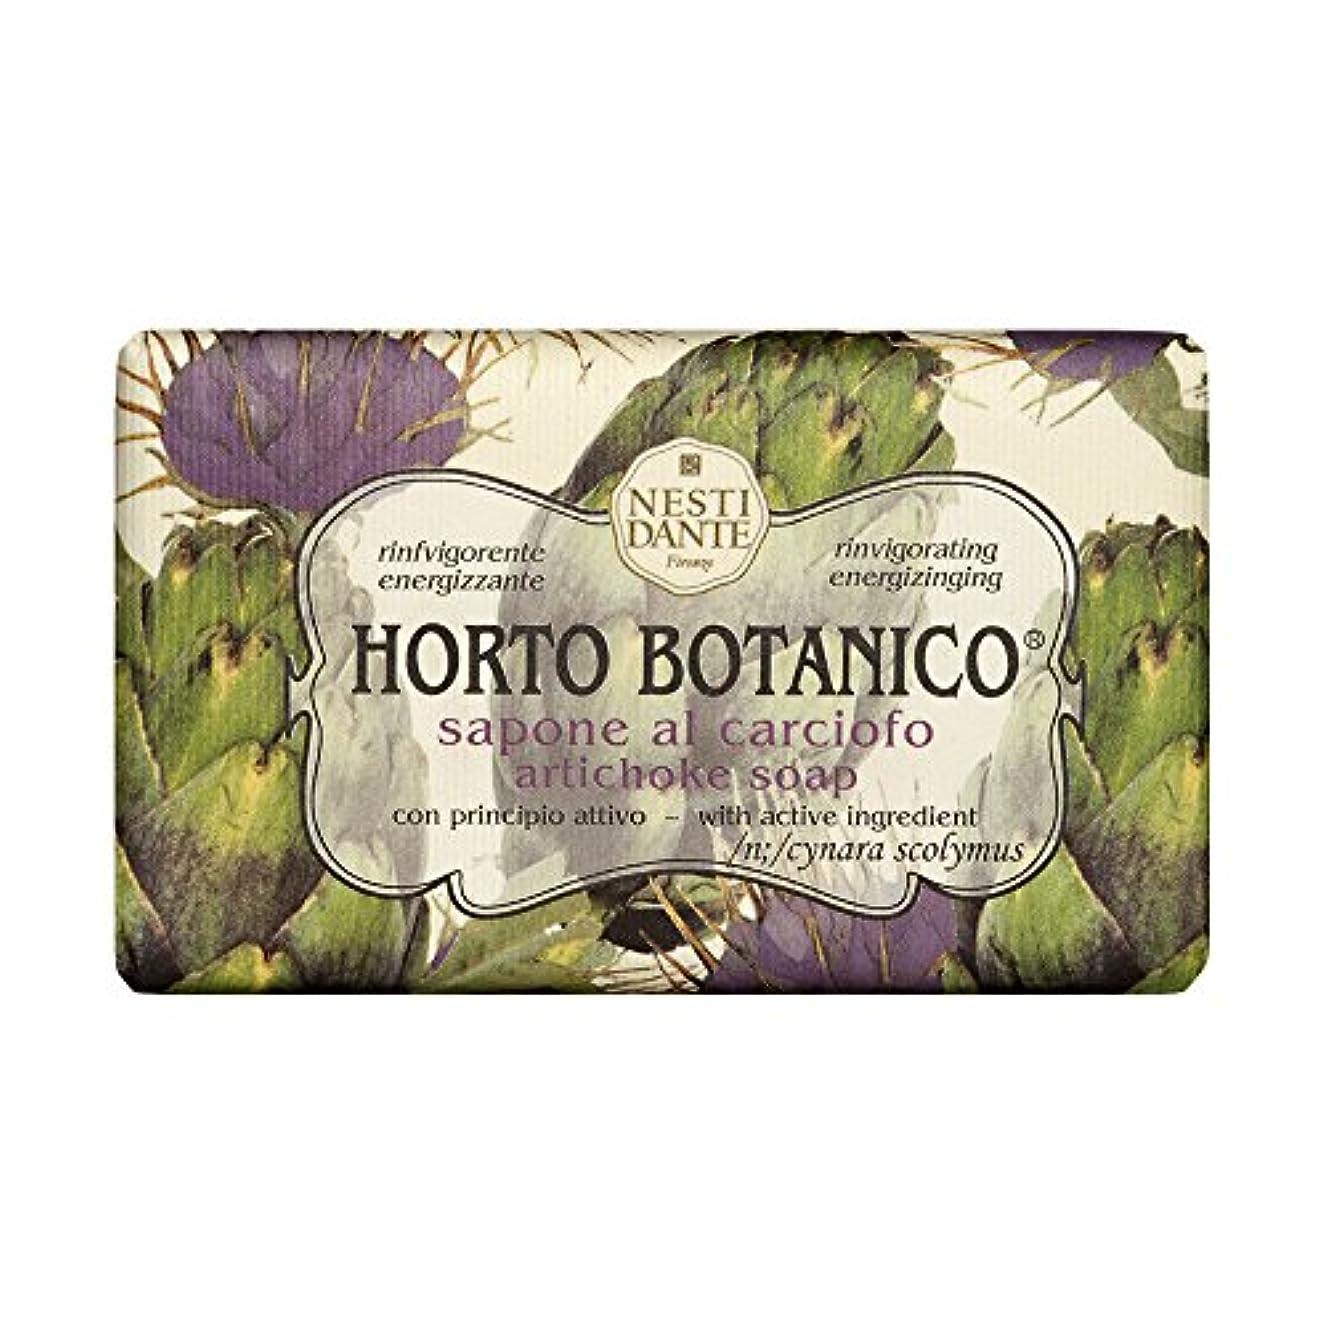 牧草地眠る甘いネスティダンテ ホルトボタニコ ソープ アーティチョーク 250g